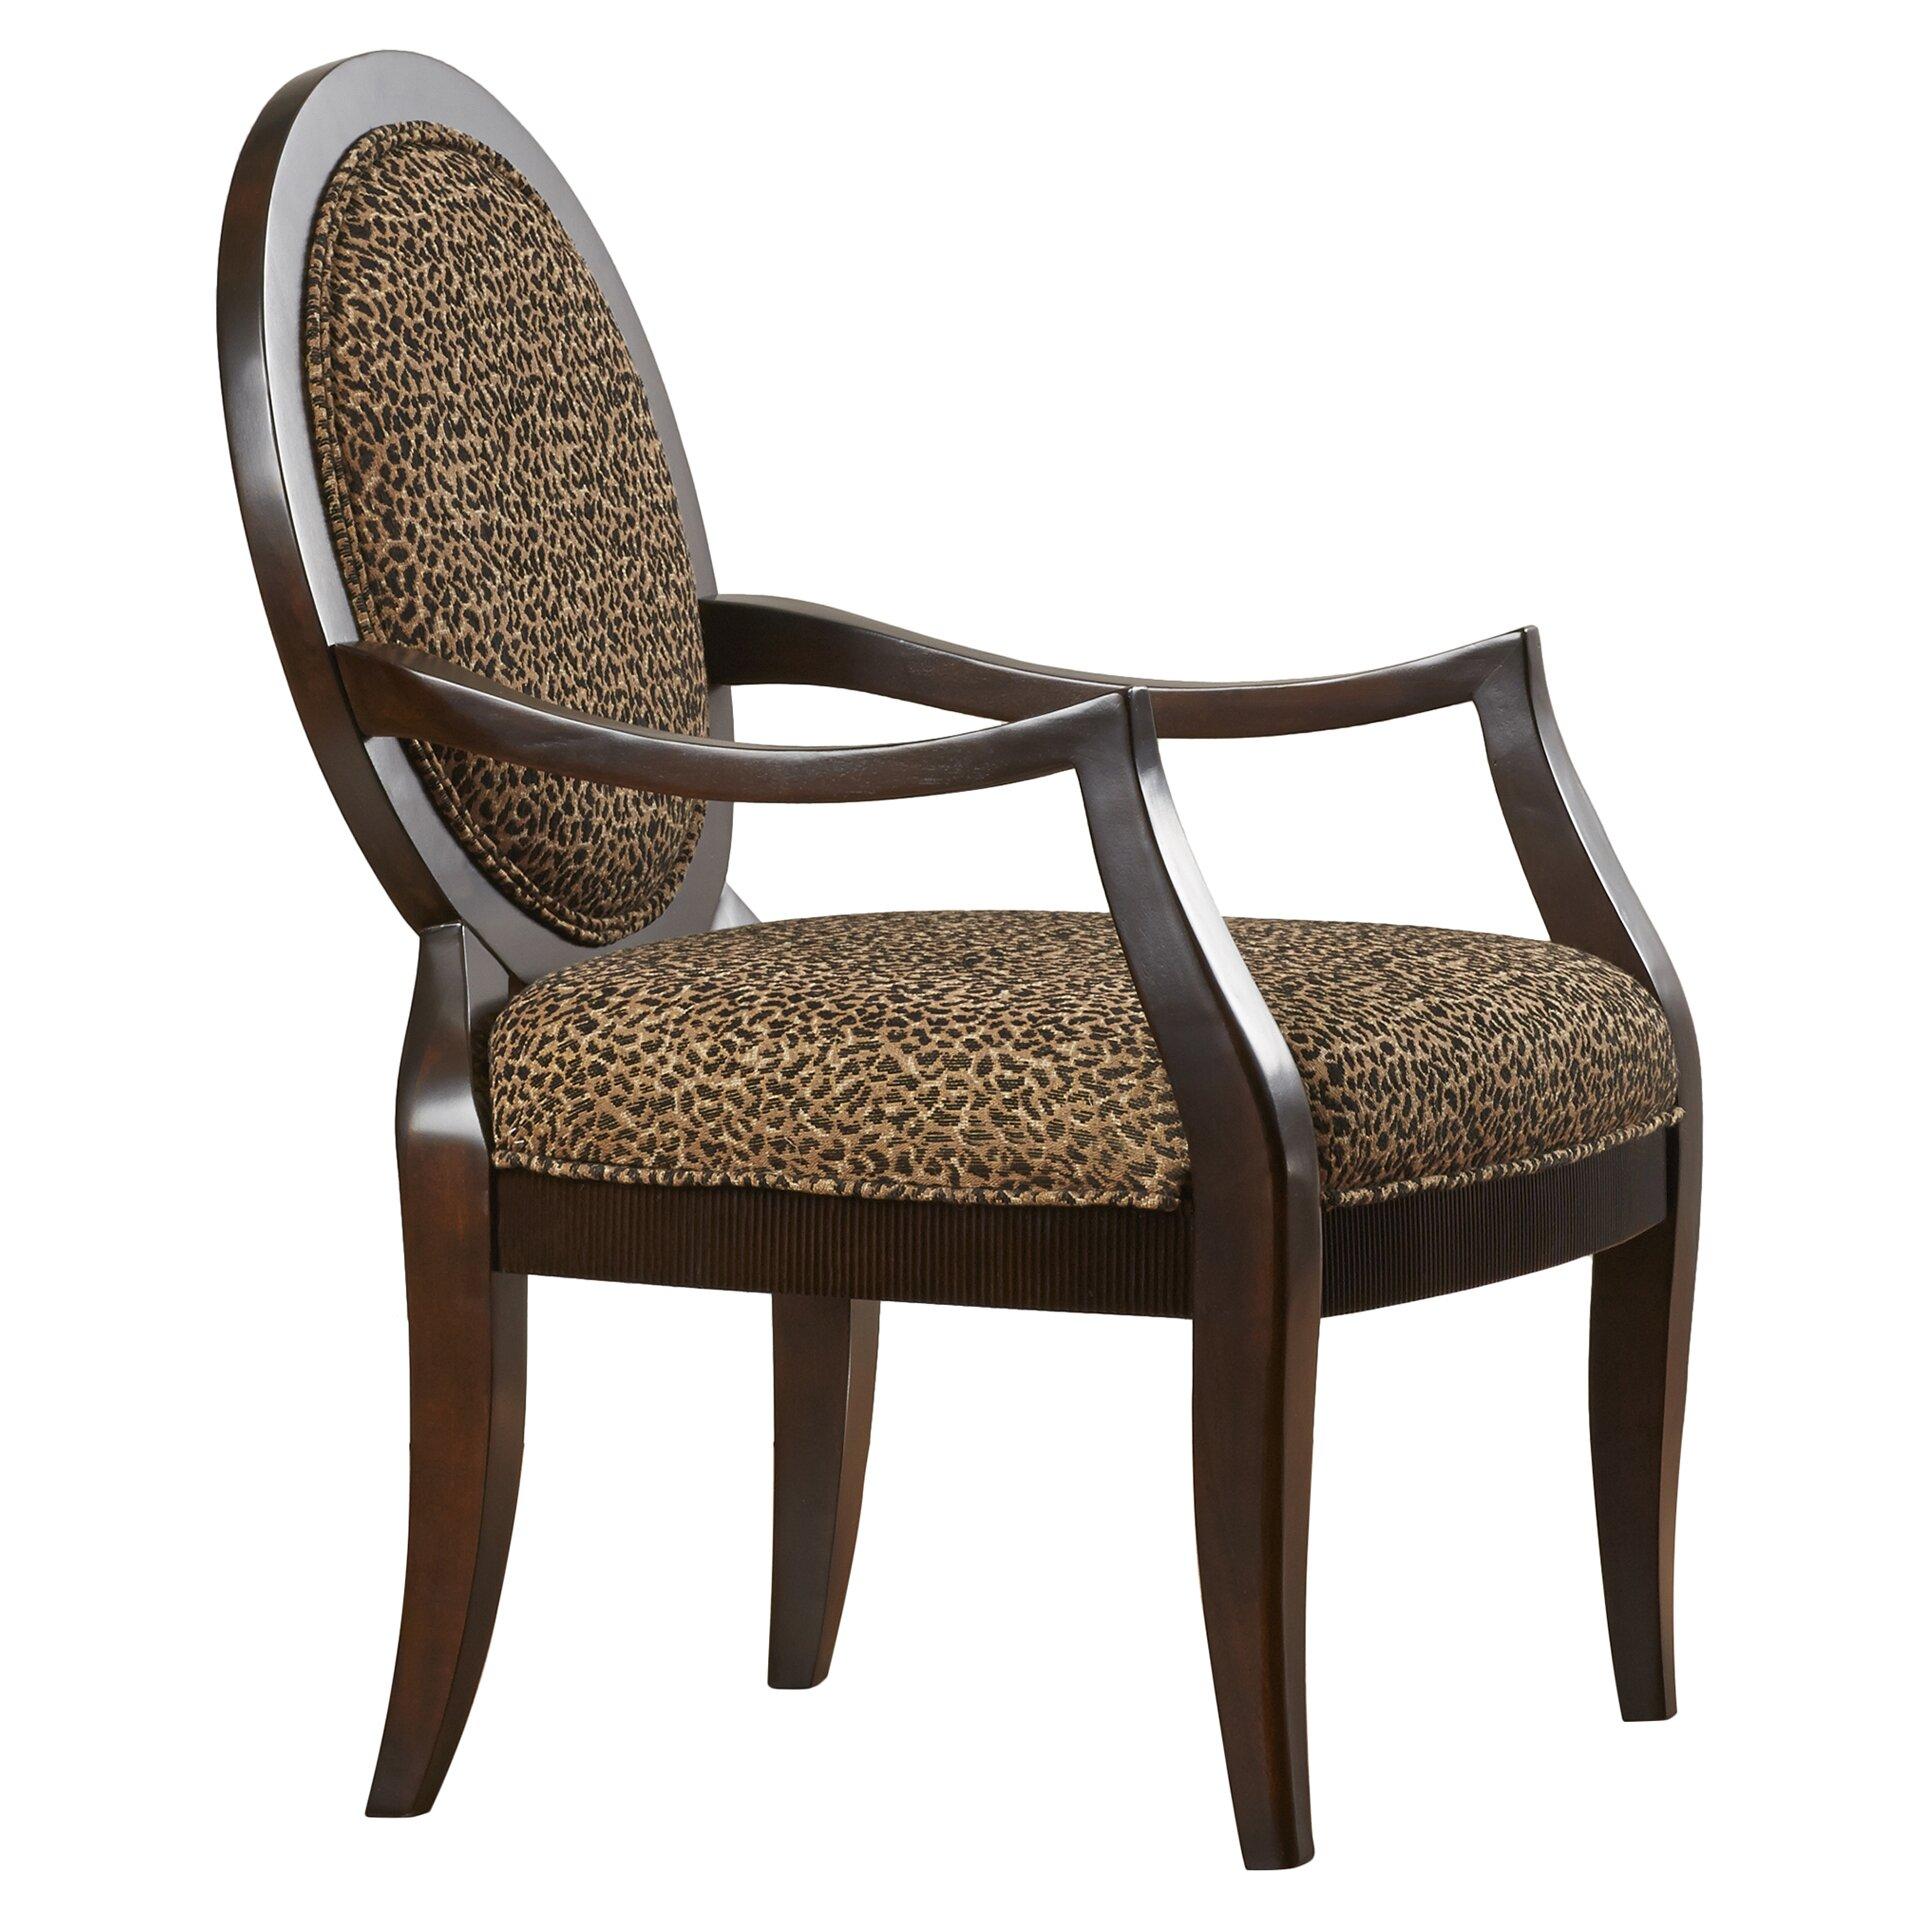 Pleasing 25 Leopard Print fice Chair Design Decoration Prime